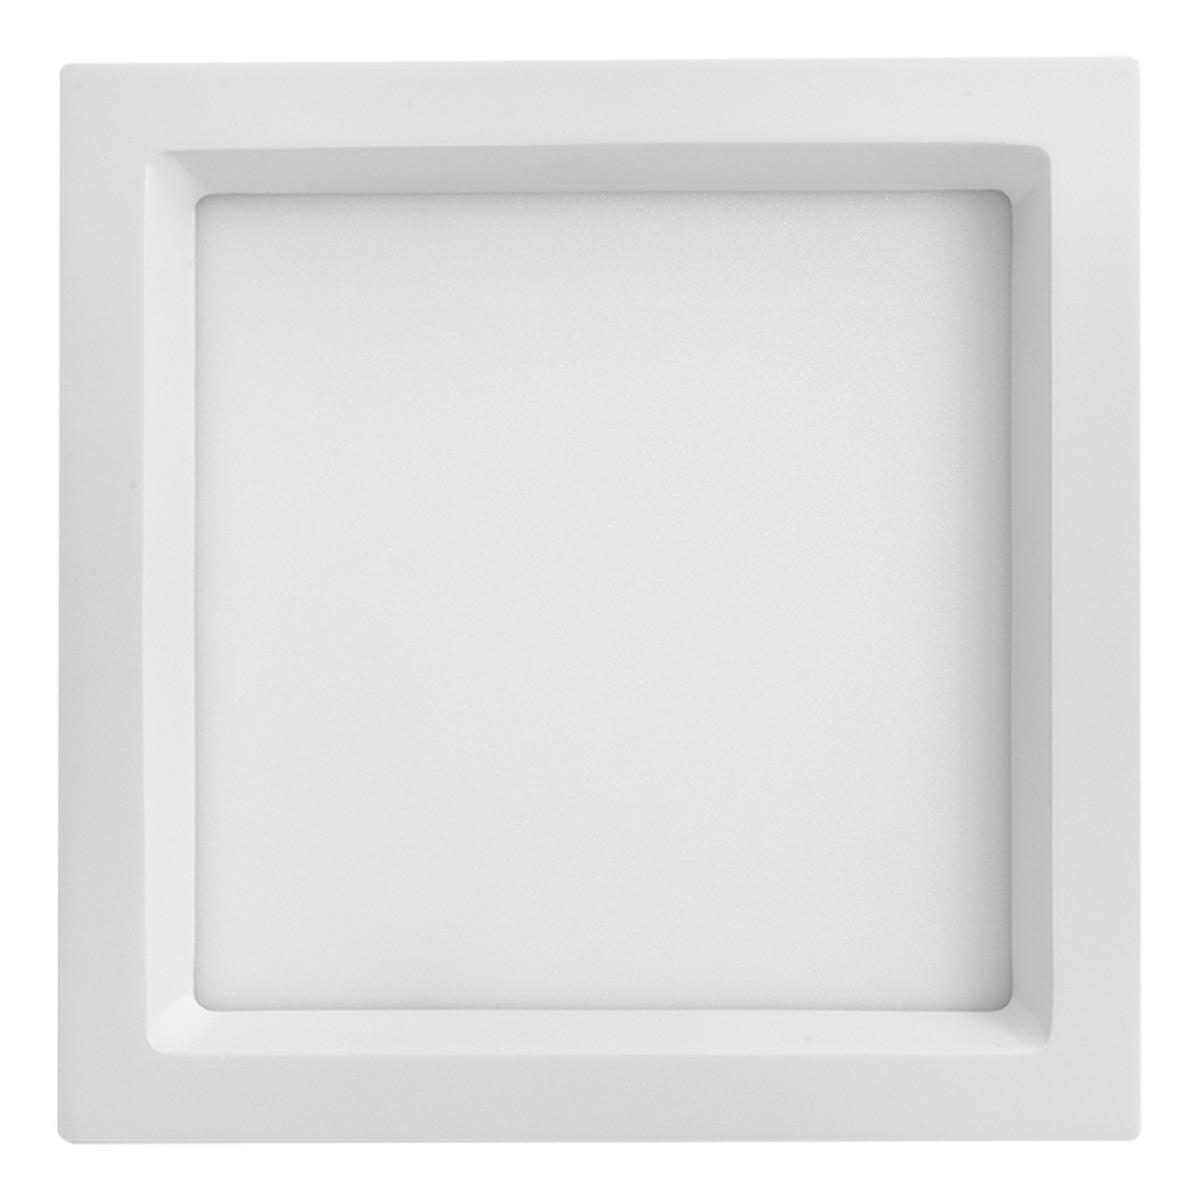 Painel Led Embutir Recuado 22w Quadrado 6500k Branco Opus